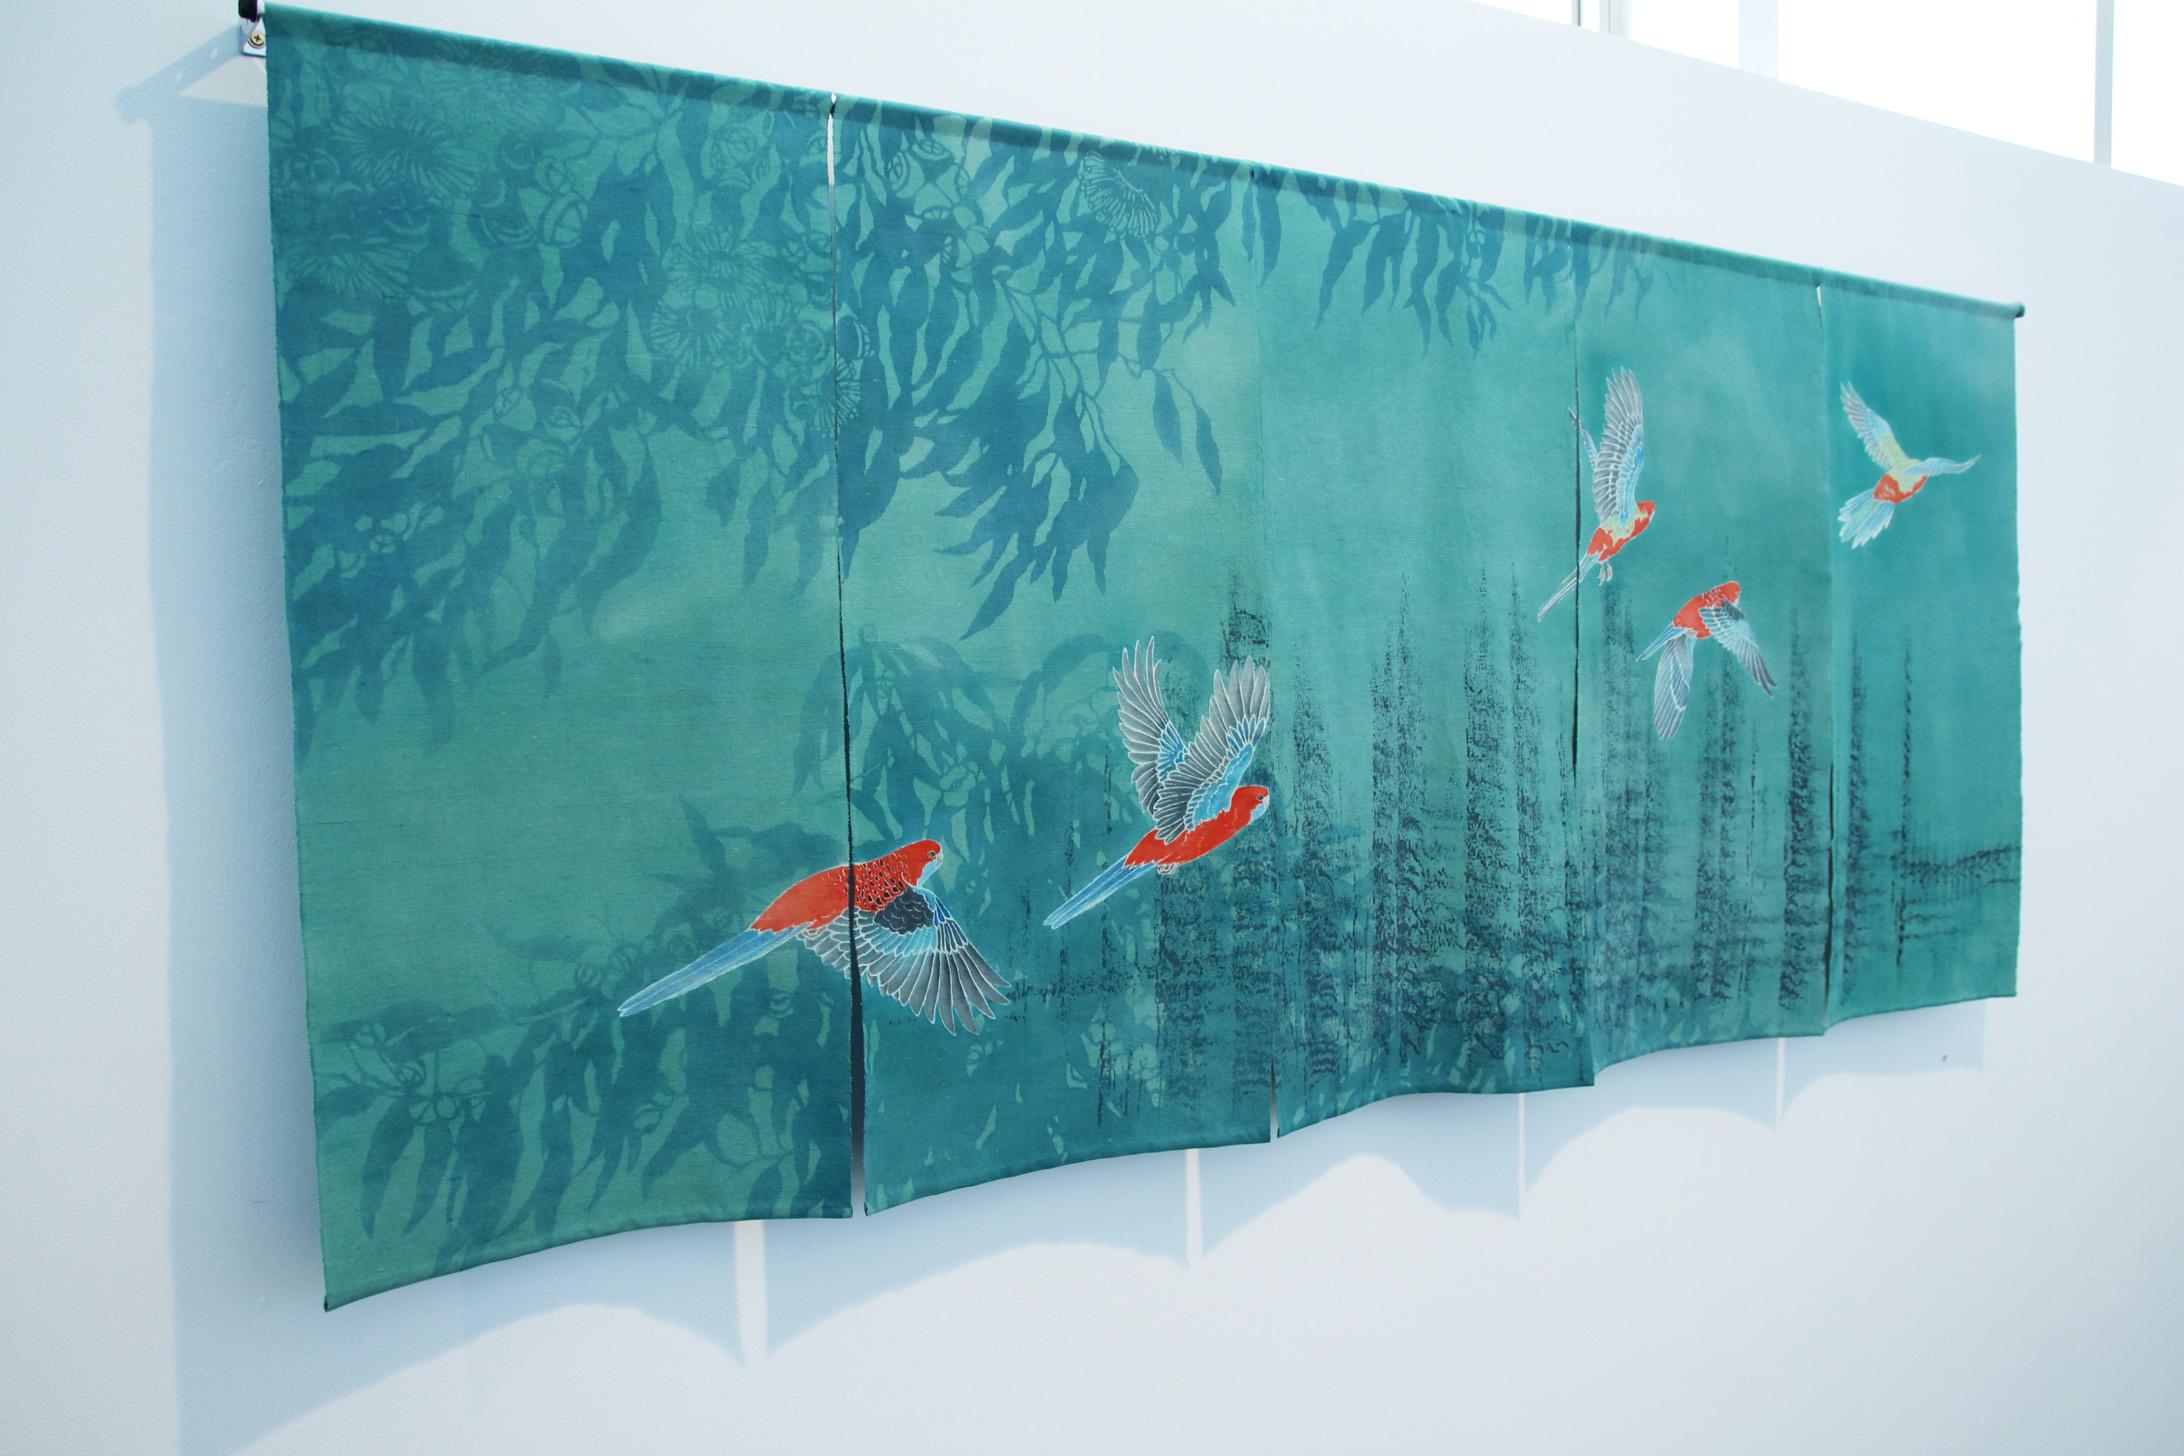 Call of the Crimson Rosellas yuzen and katazome on vintage kimono silk, 2015